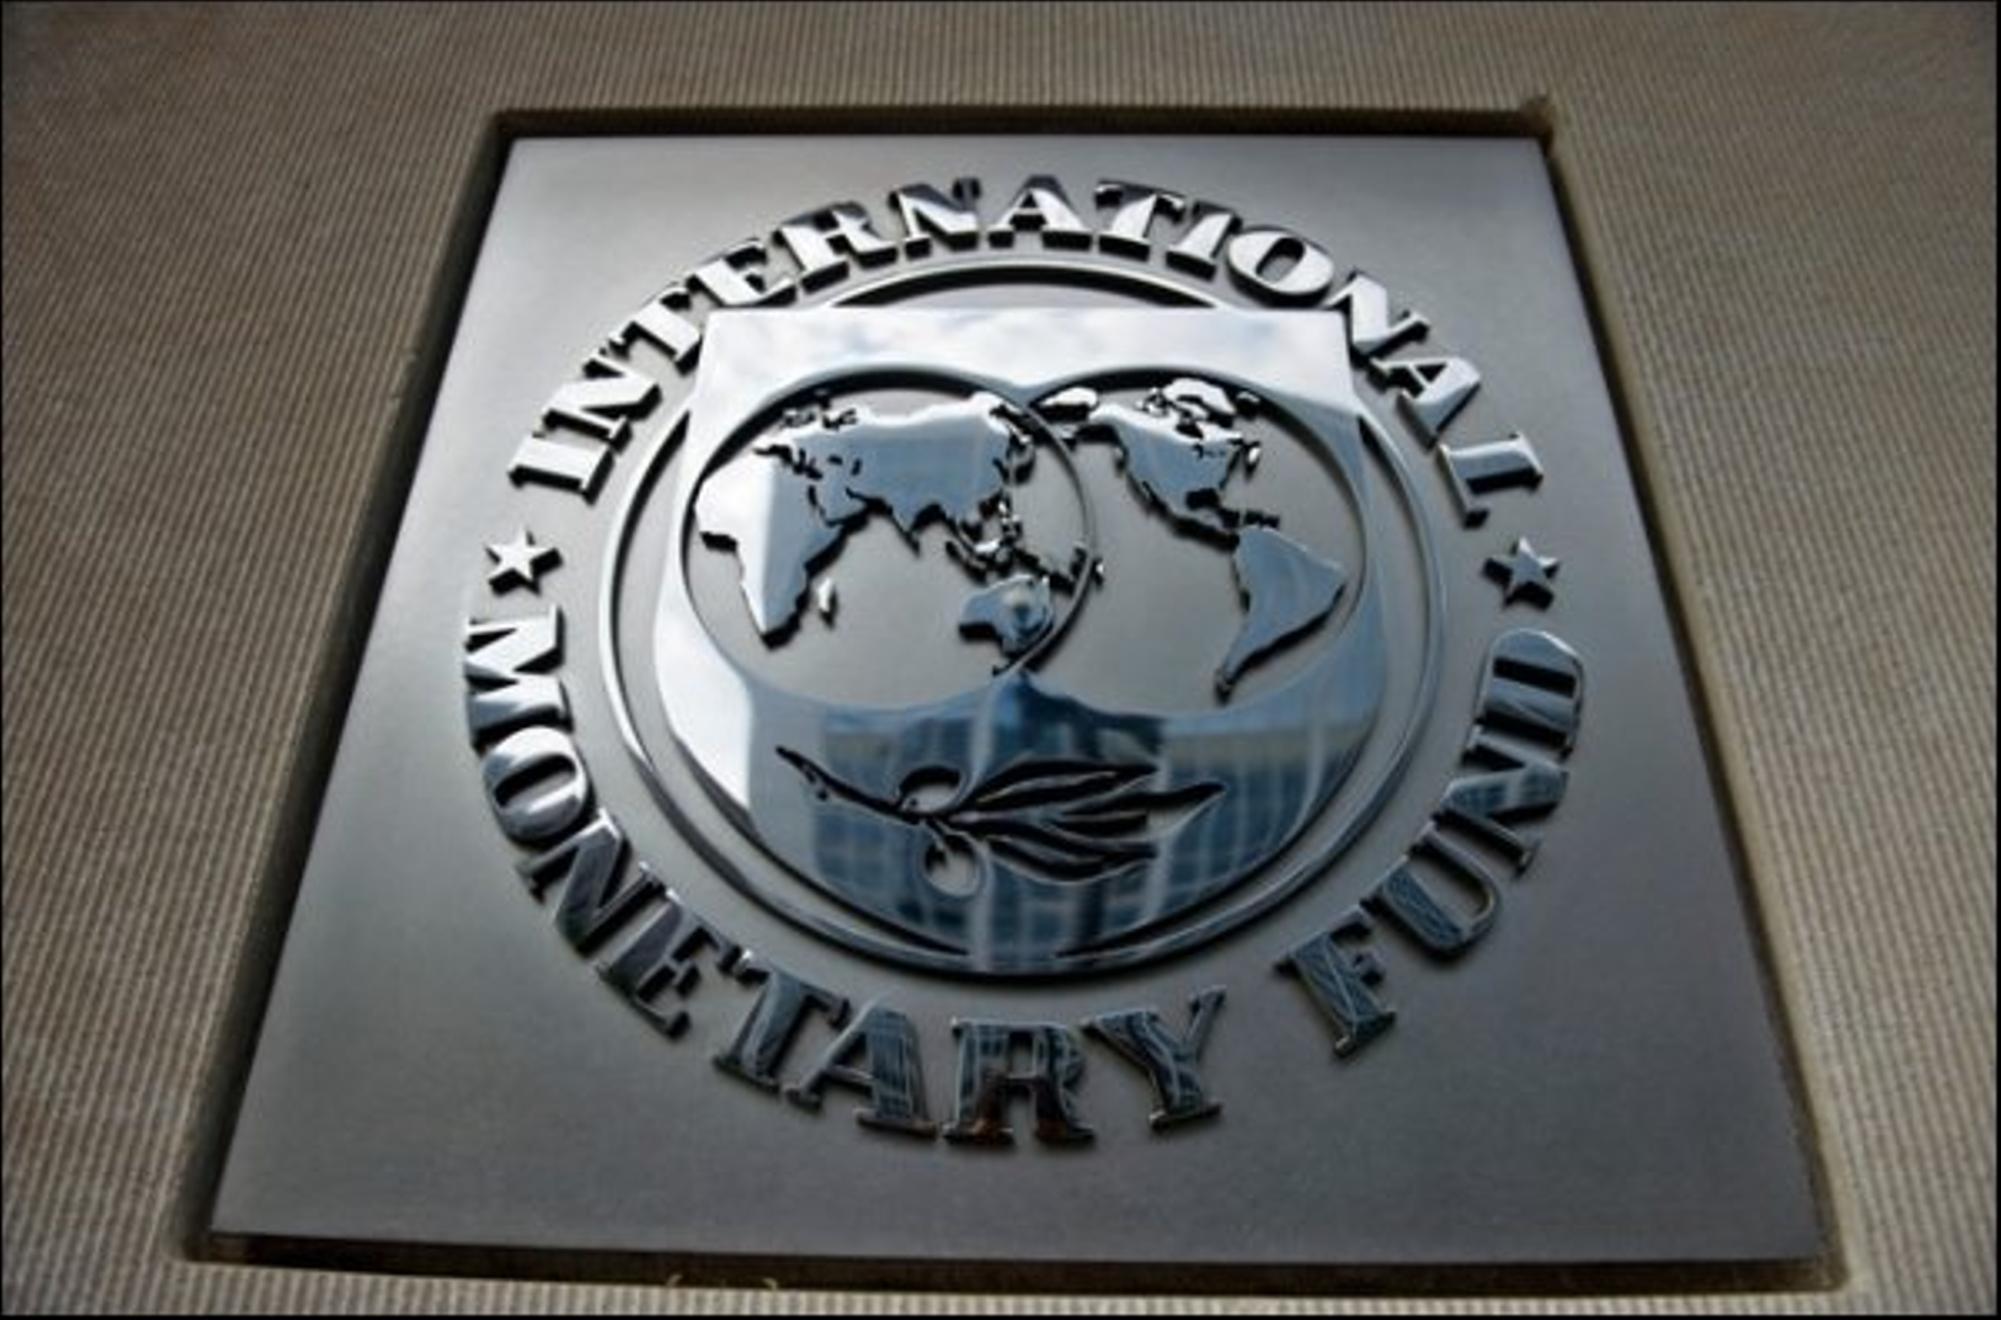 IMF: Nhiều dấu hiệu cho thấy kinh tế toàn cầu hồi phục mạnh mẽ hơn